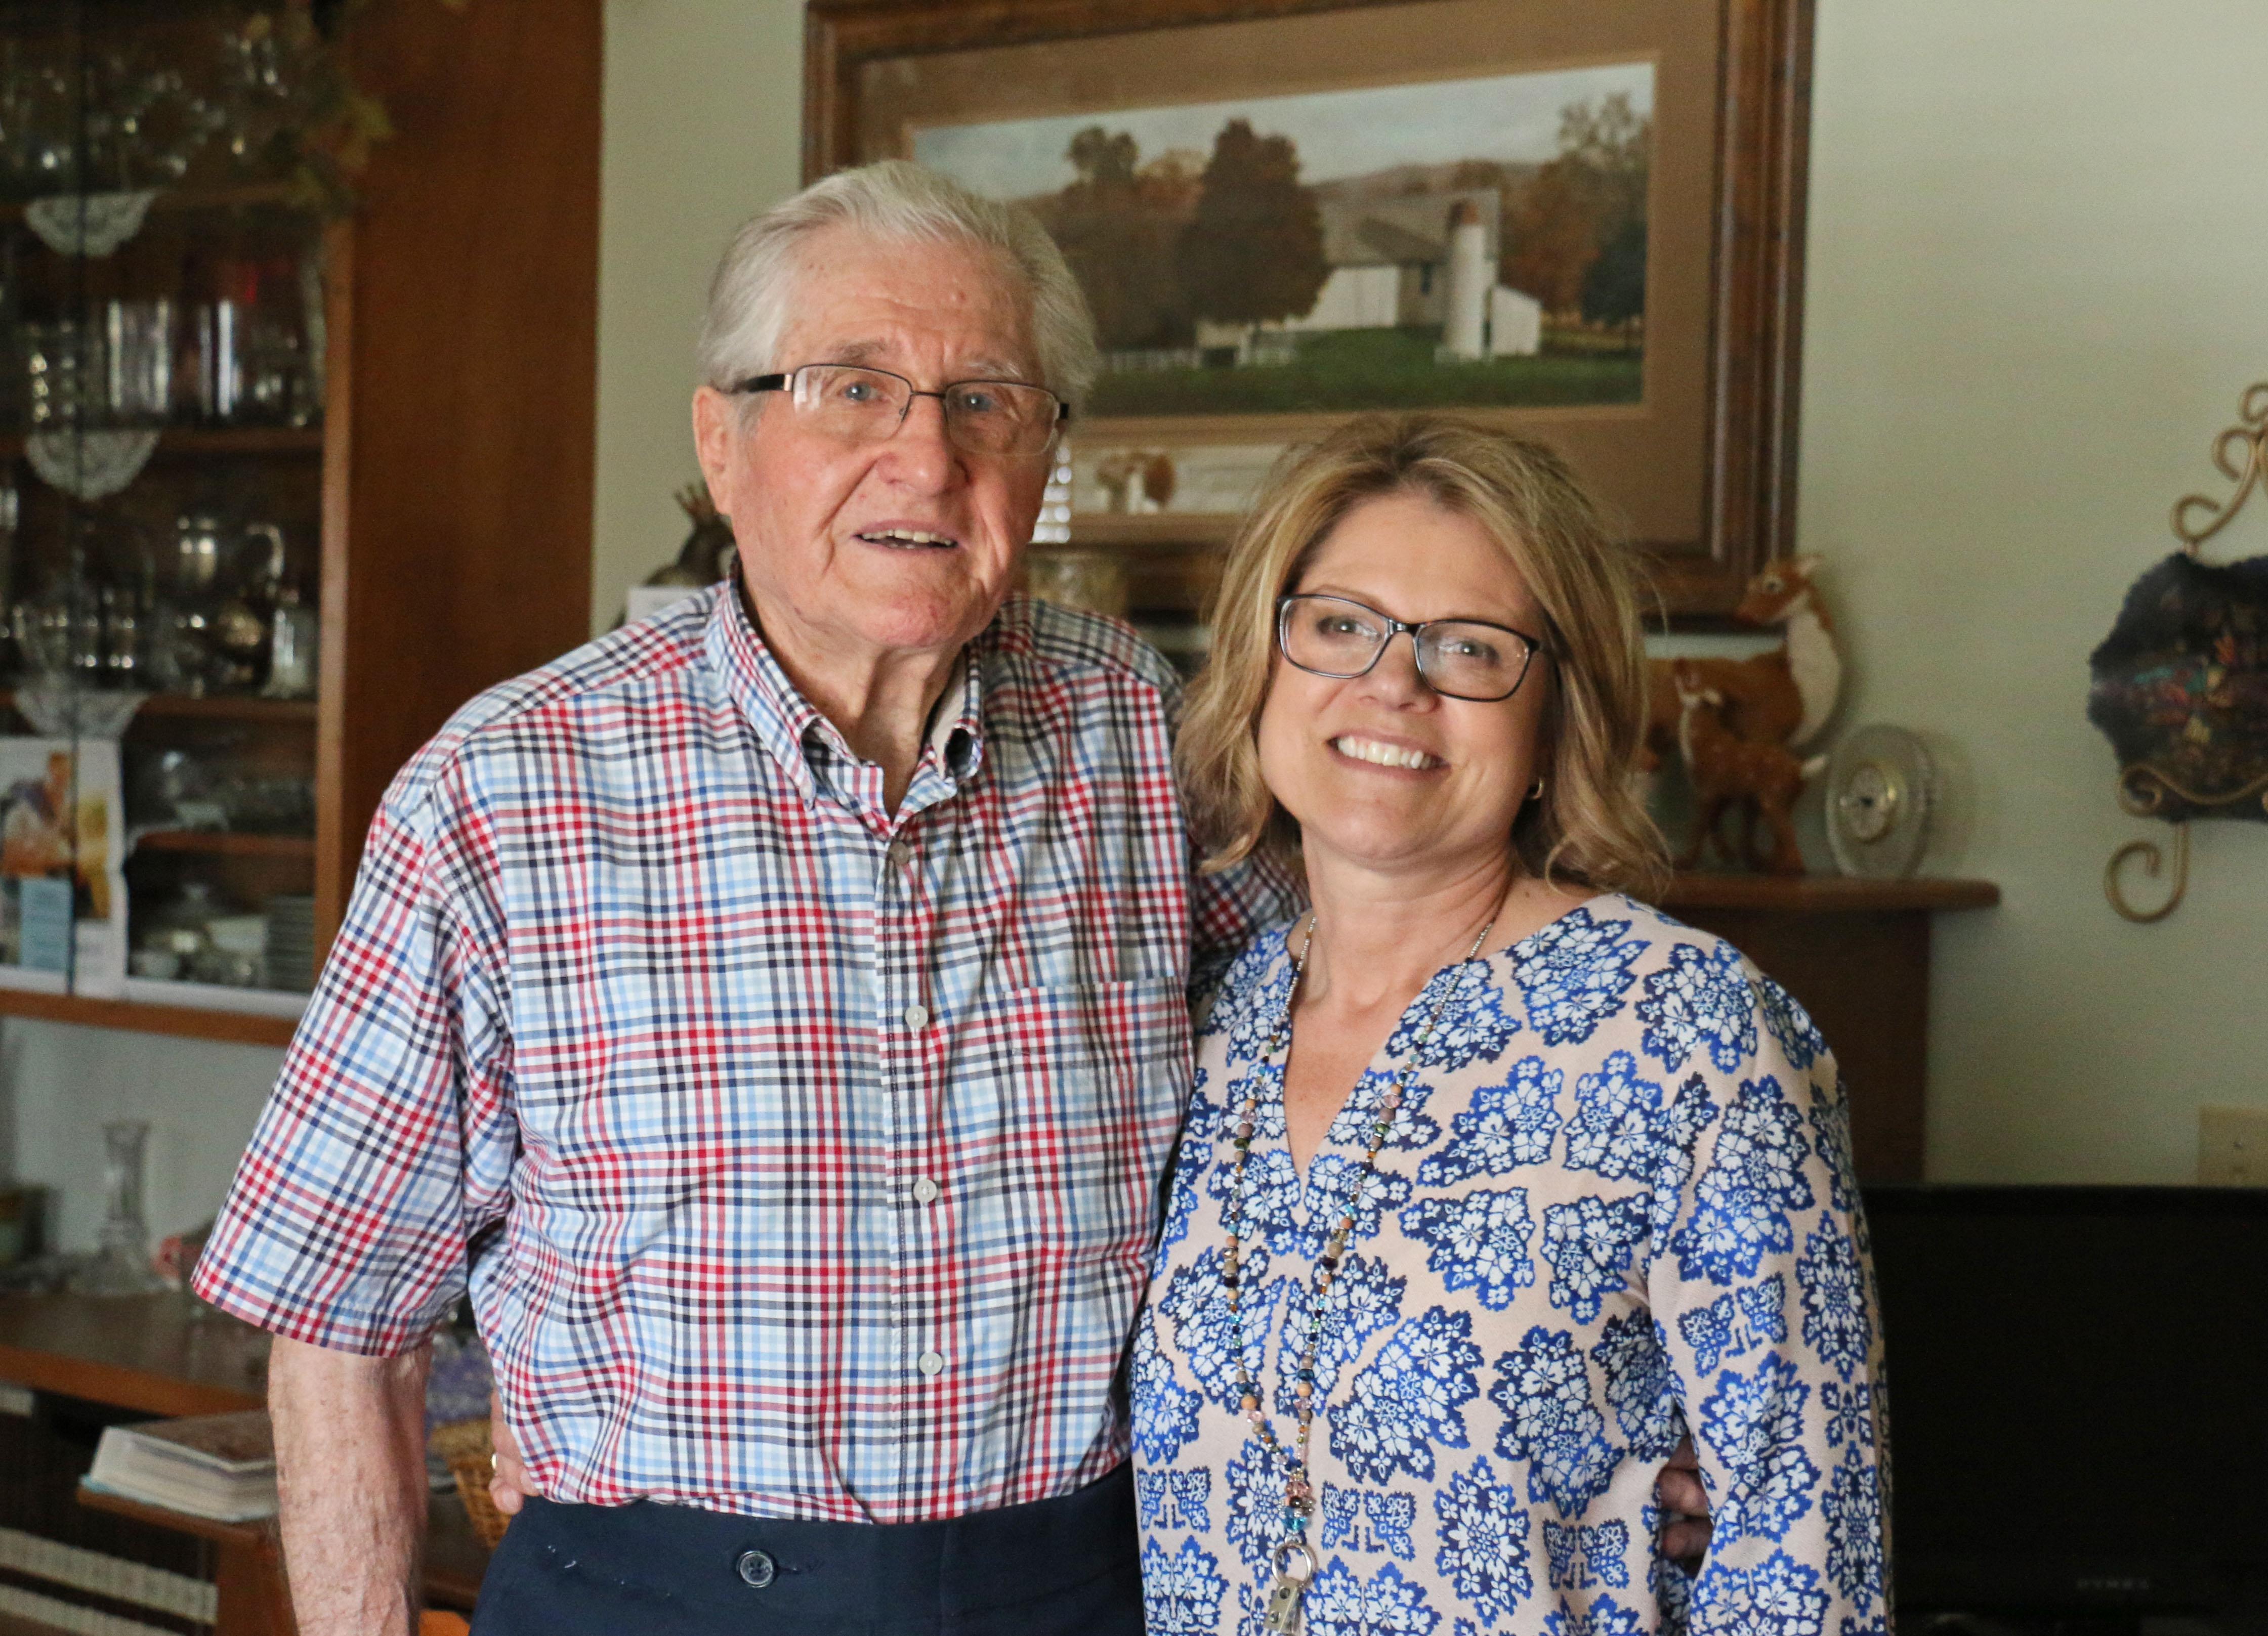 Warren Wiltse and Tracy Roche